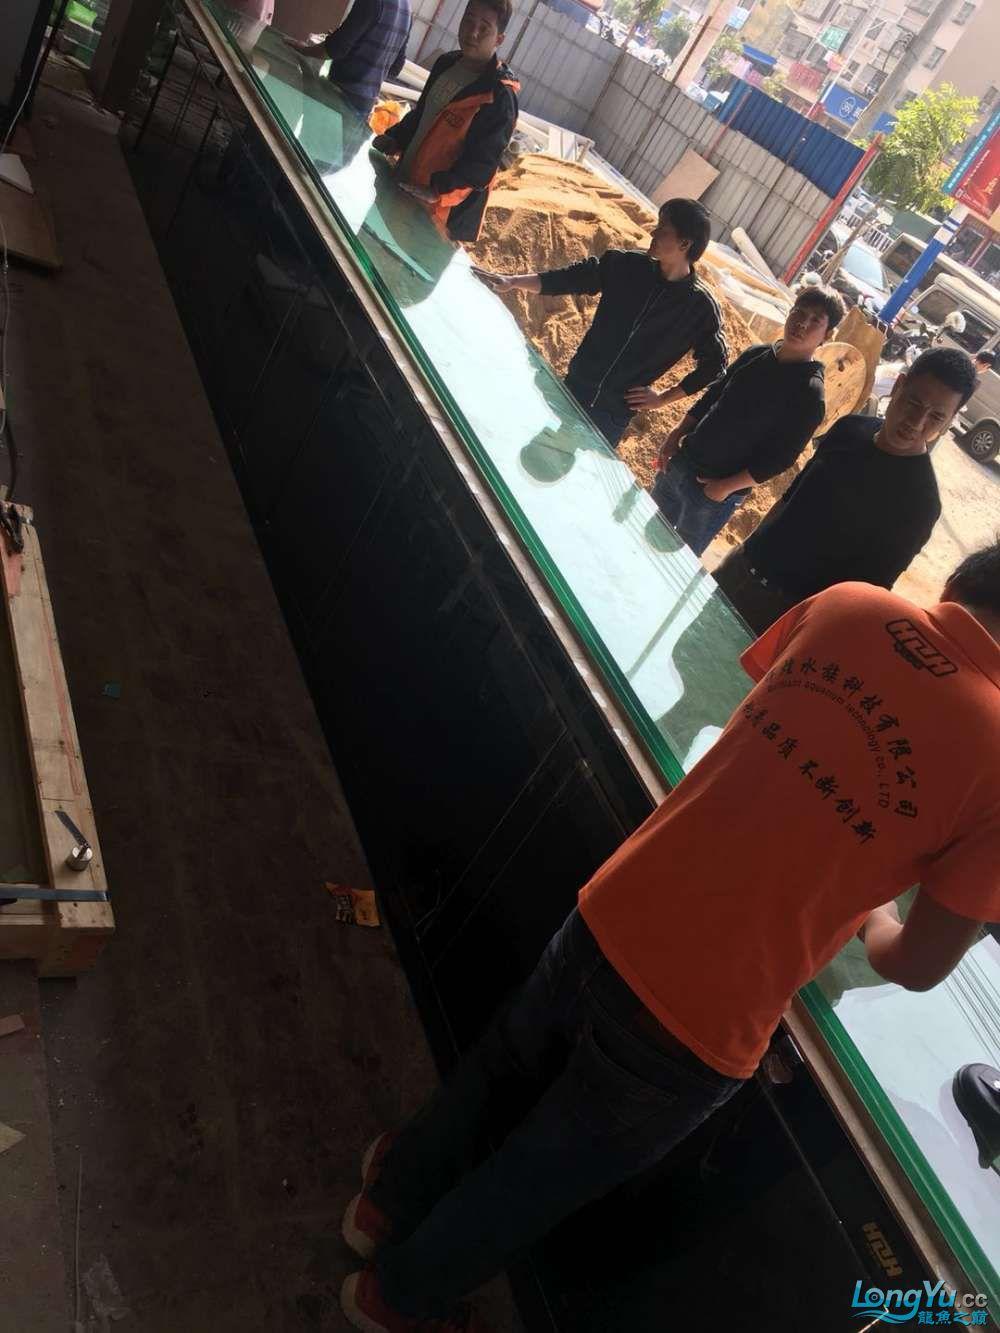 延安鱼缸水族箱批发辉煌水族7米鱼缸上缸1300现场制作过程多图慎完工 延安观赏鱼 延安龙鱼第37张